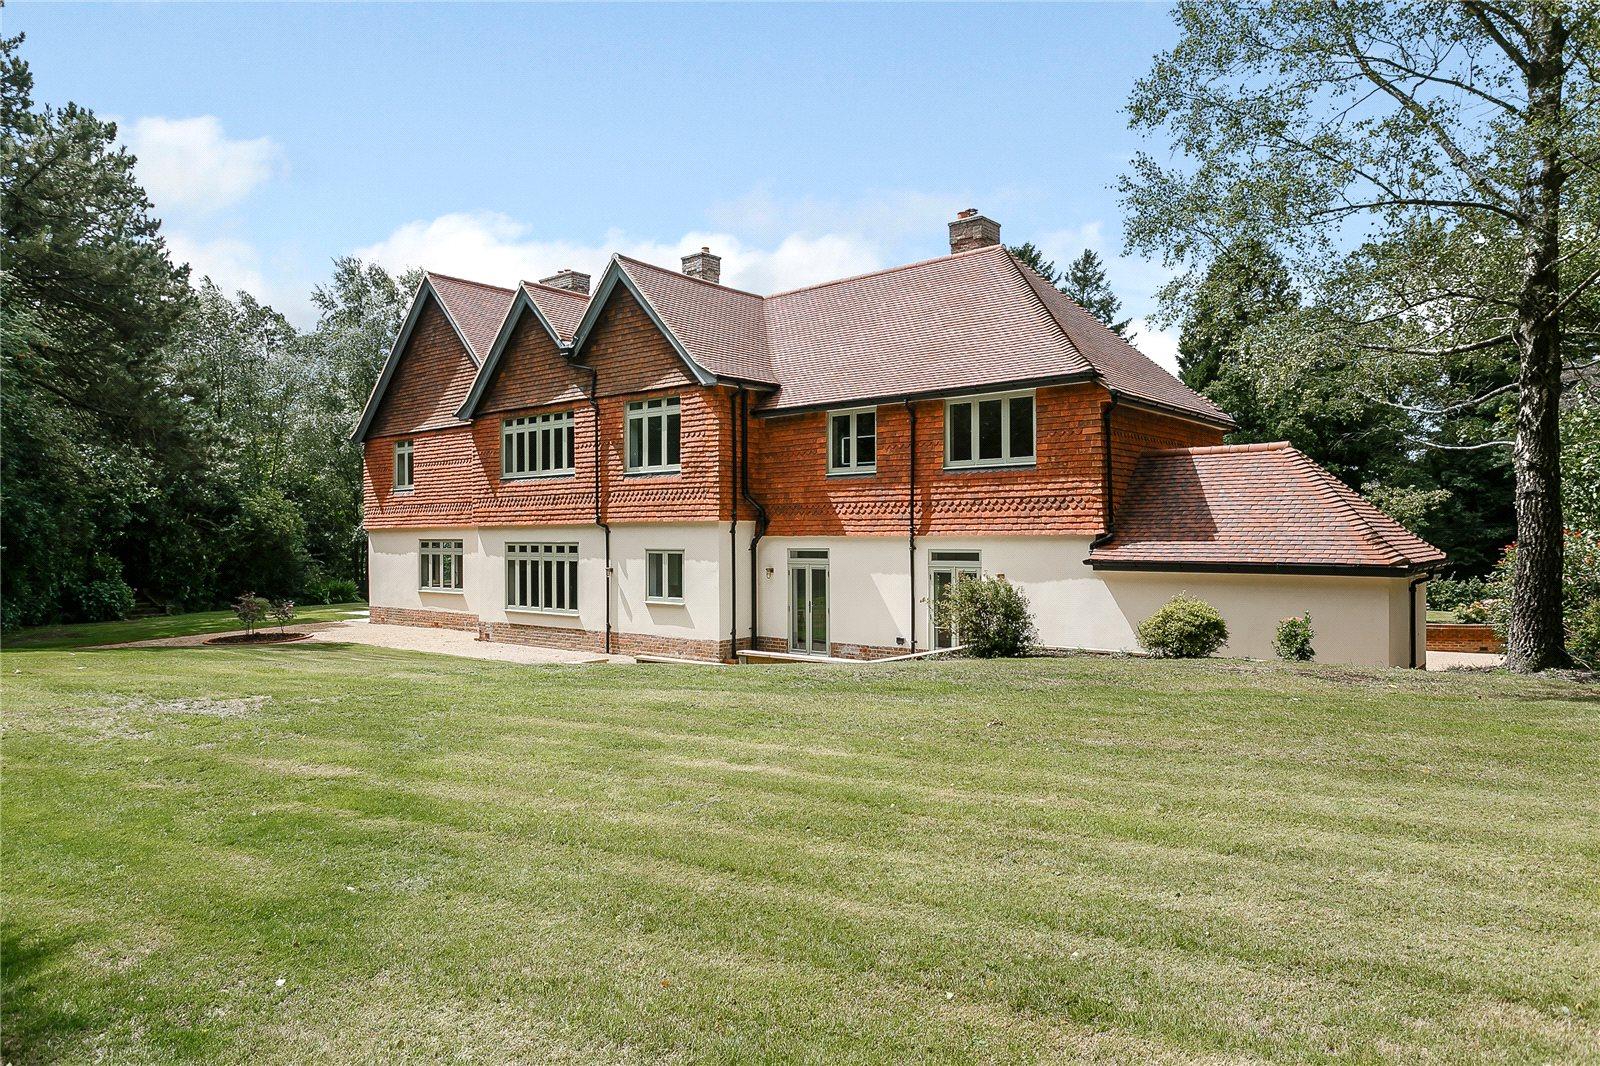 一戸建て のために 売買 アット Hindhead Road, Hindhead, Surrey, GU26 Hindhead, イギリス